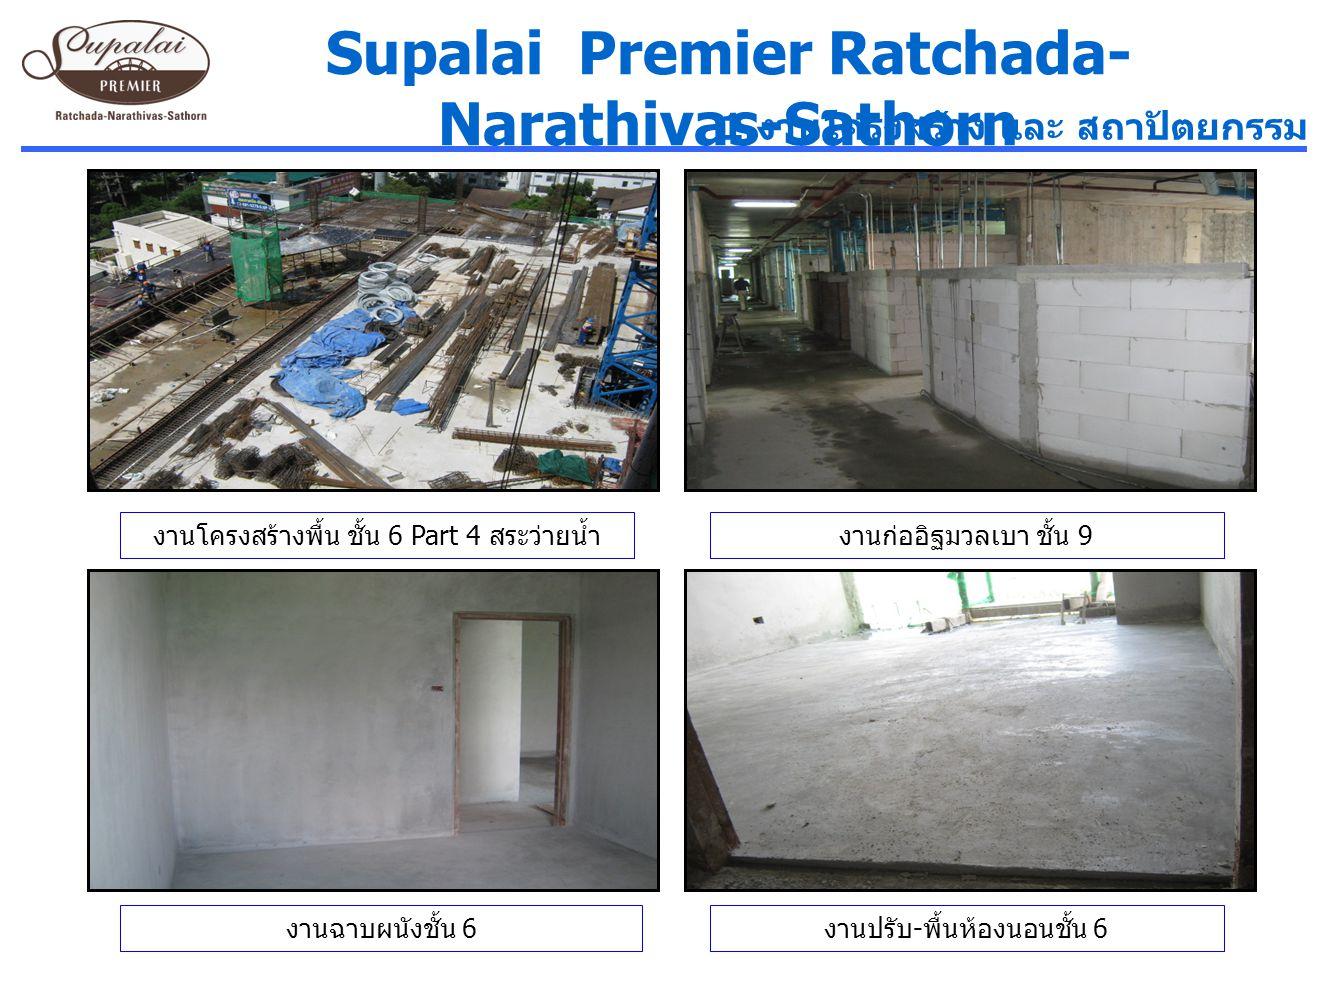 Supalai Premier Ratchada- Narathivas-Sathorn งานโครงสร้างพื้น ชั้น 6 Part 4 สระว่ายน้ำงานก่ออิฐมวลเบา ชั้น 9 1. งานโครงสร้าง และ สถาปัตยกรรม งานฉาบผนั